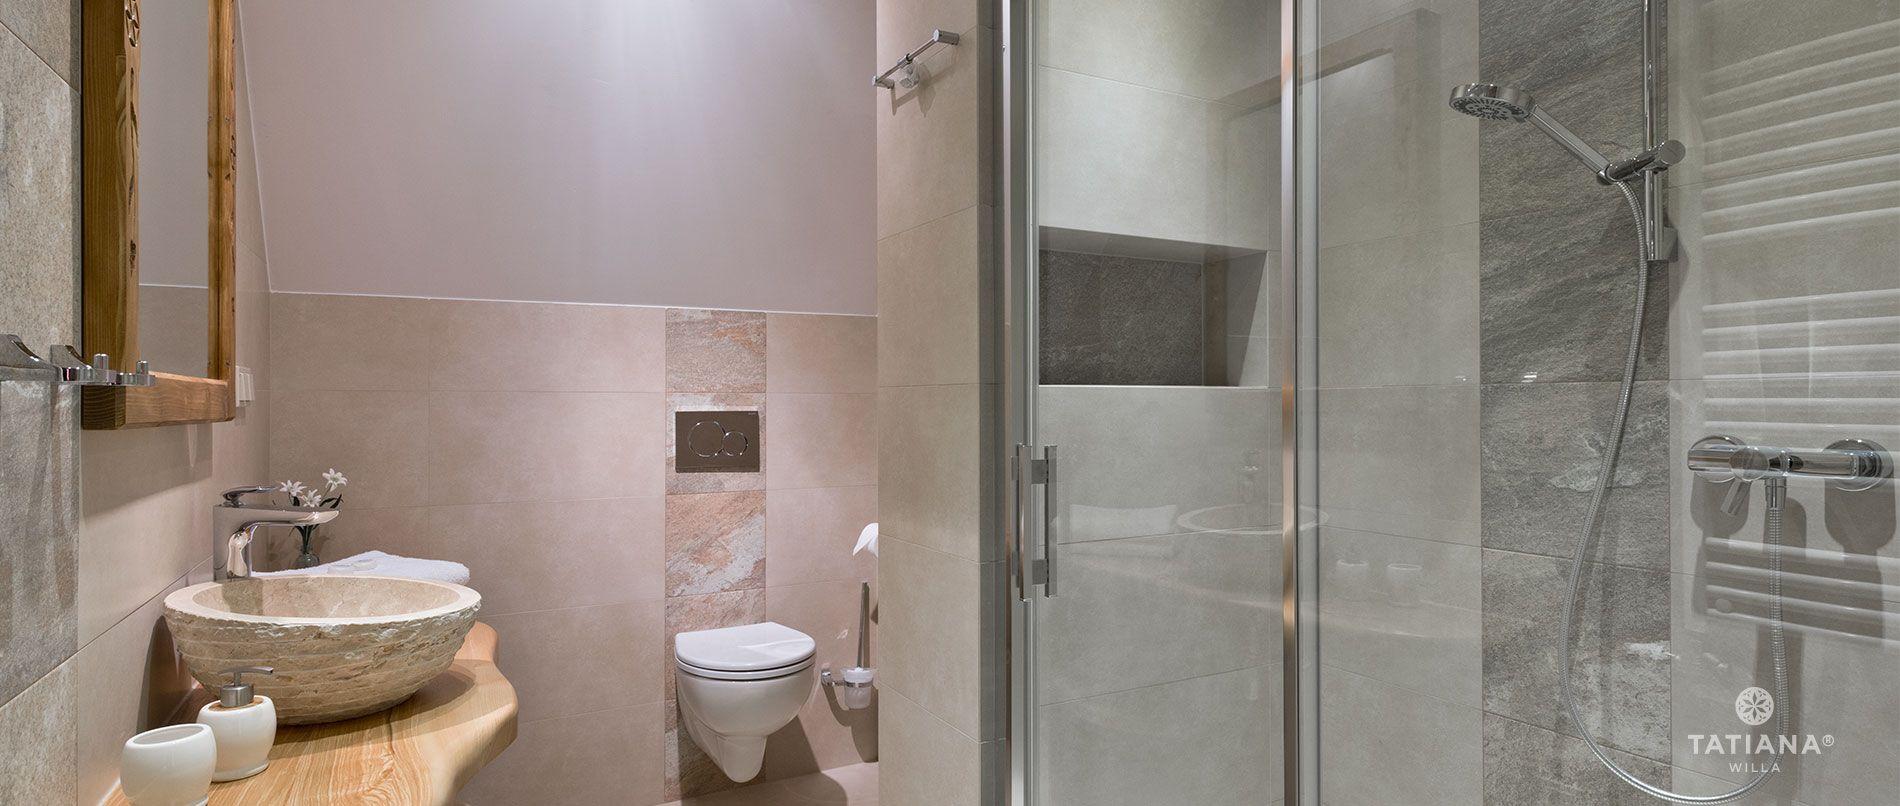 Apartament Lux 16- łazienka